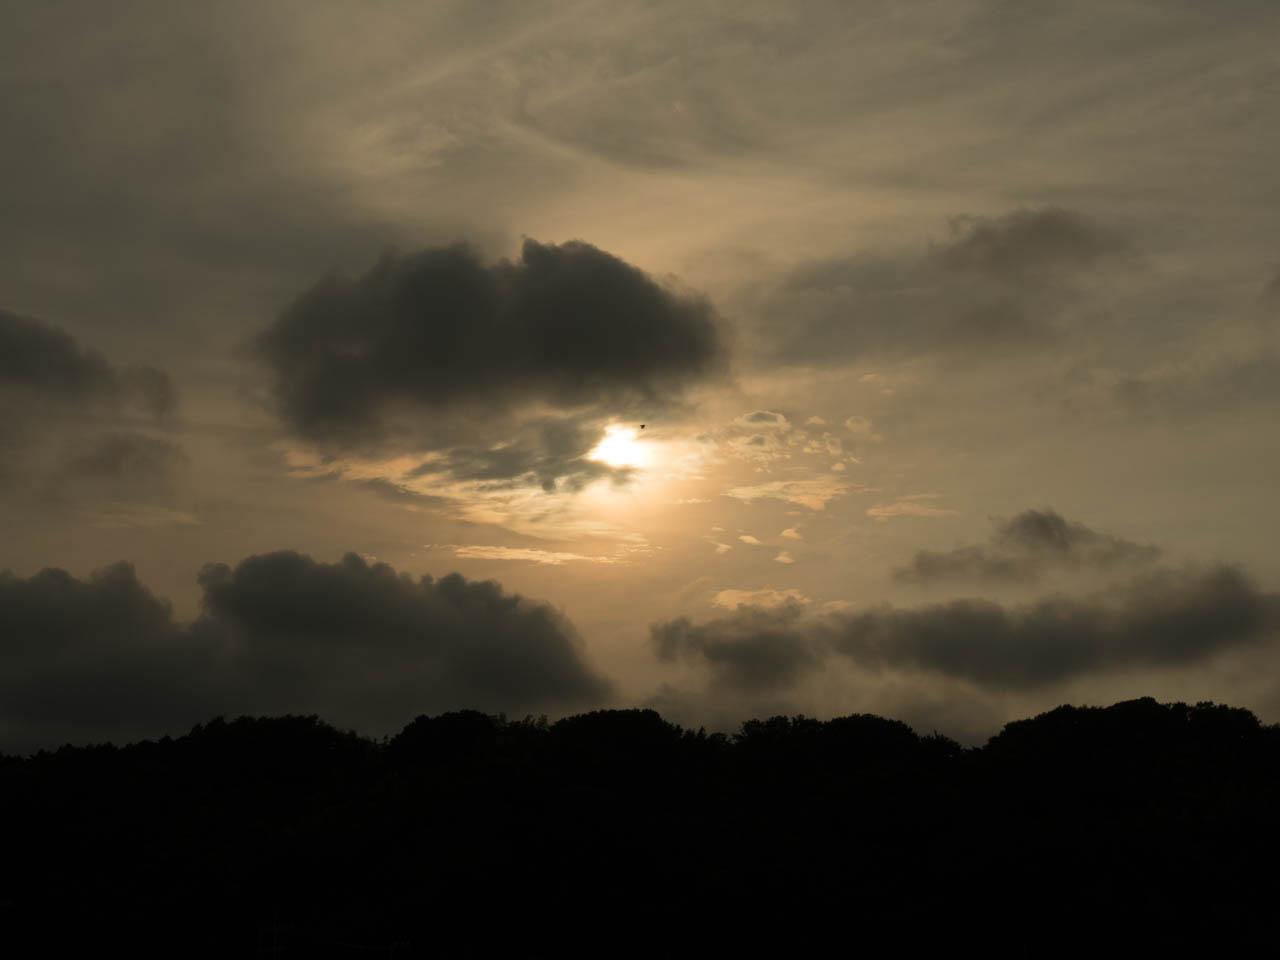 夕陽は朧な雲に包まれ